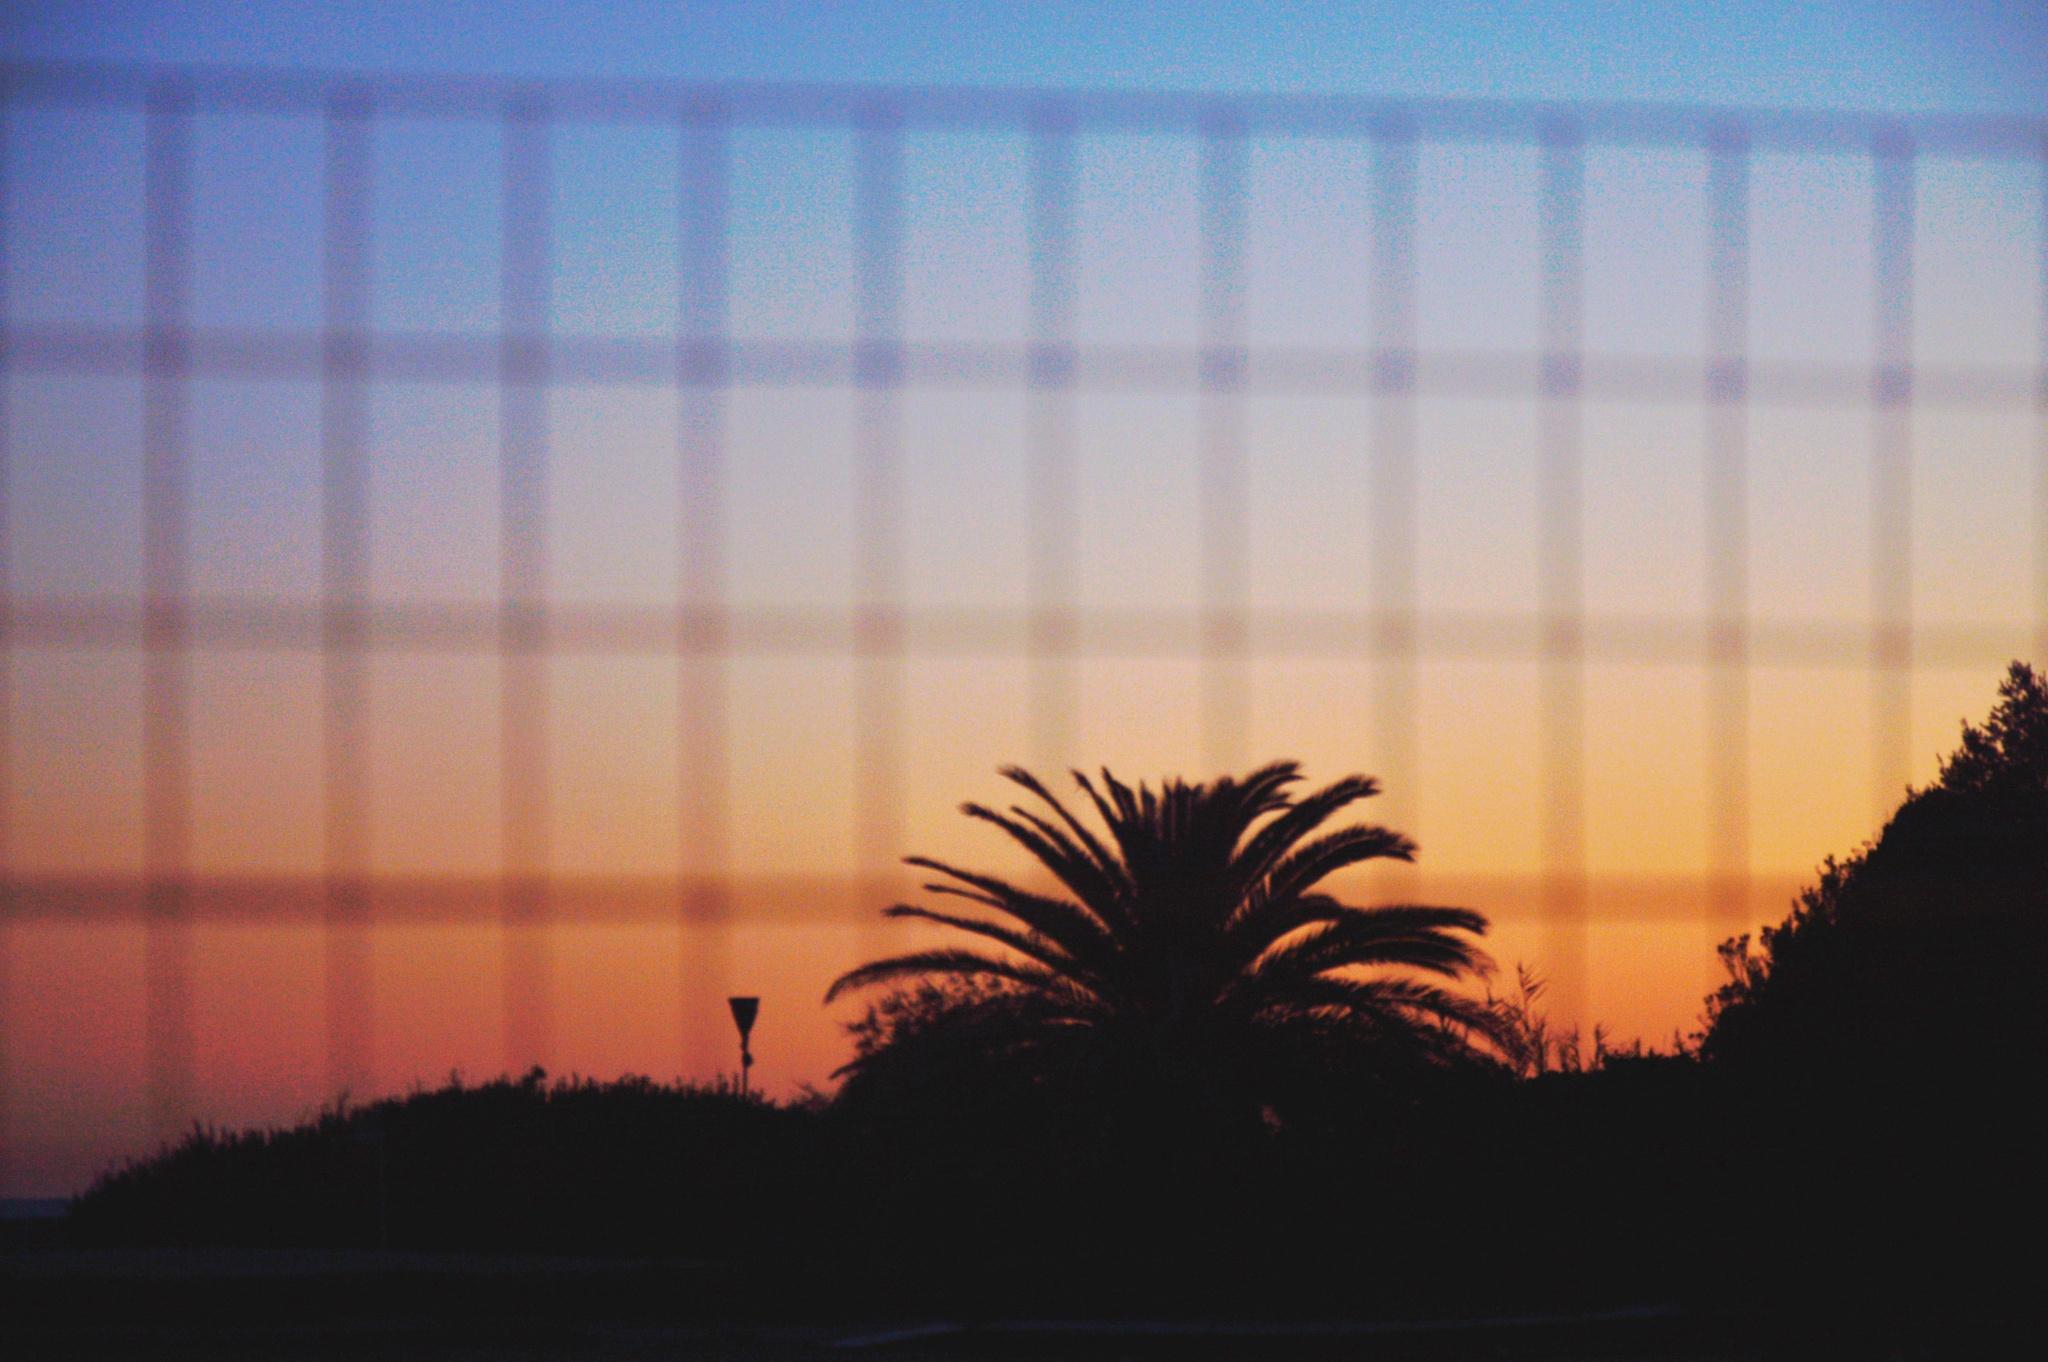 Sunset Garage by ♥ uɲder♈ale ♕